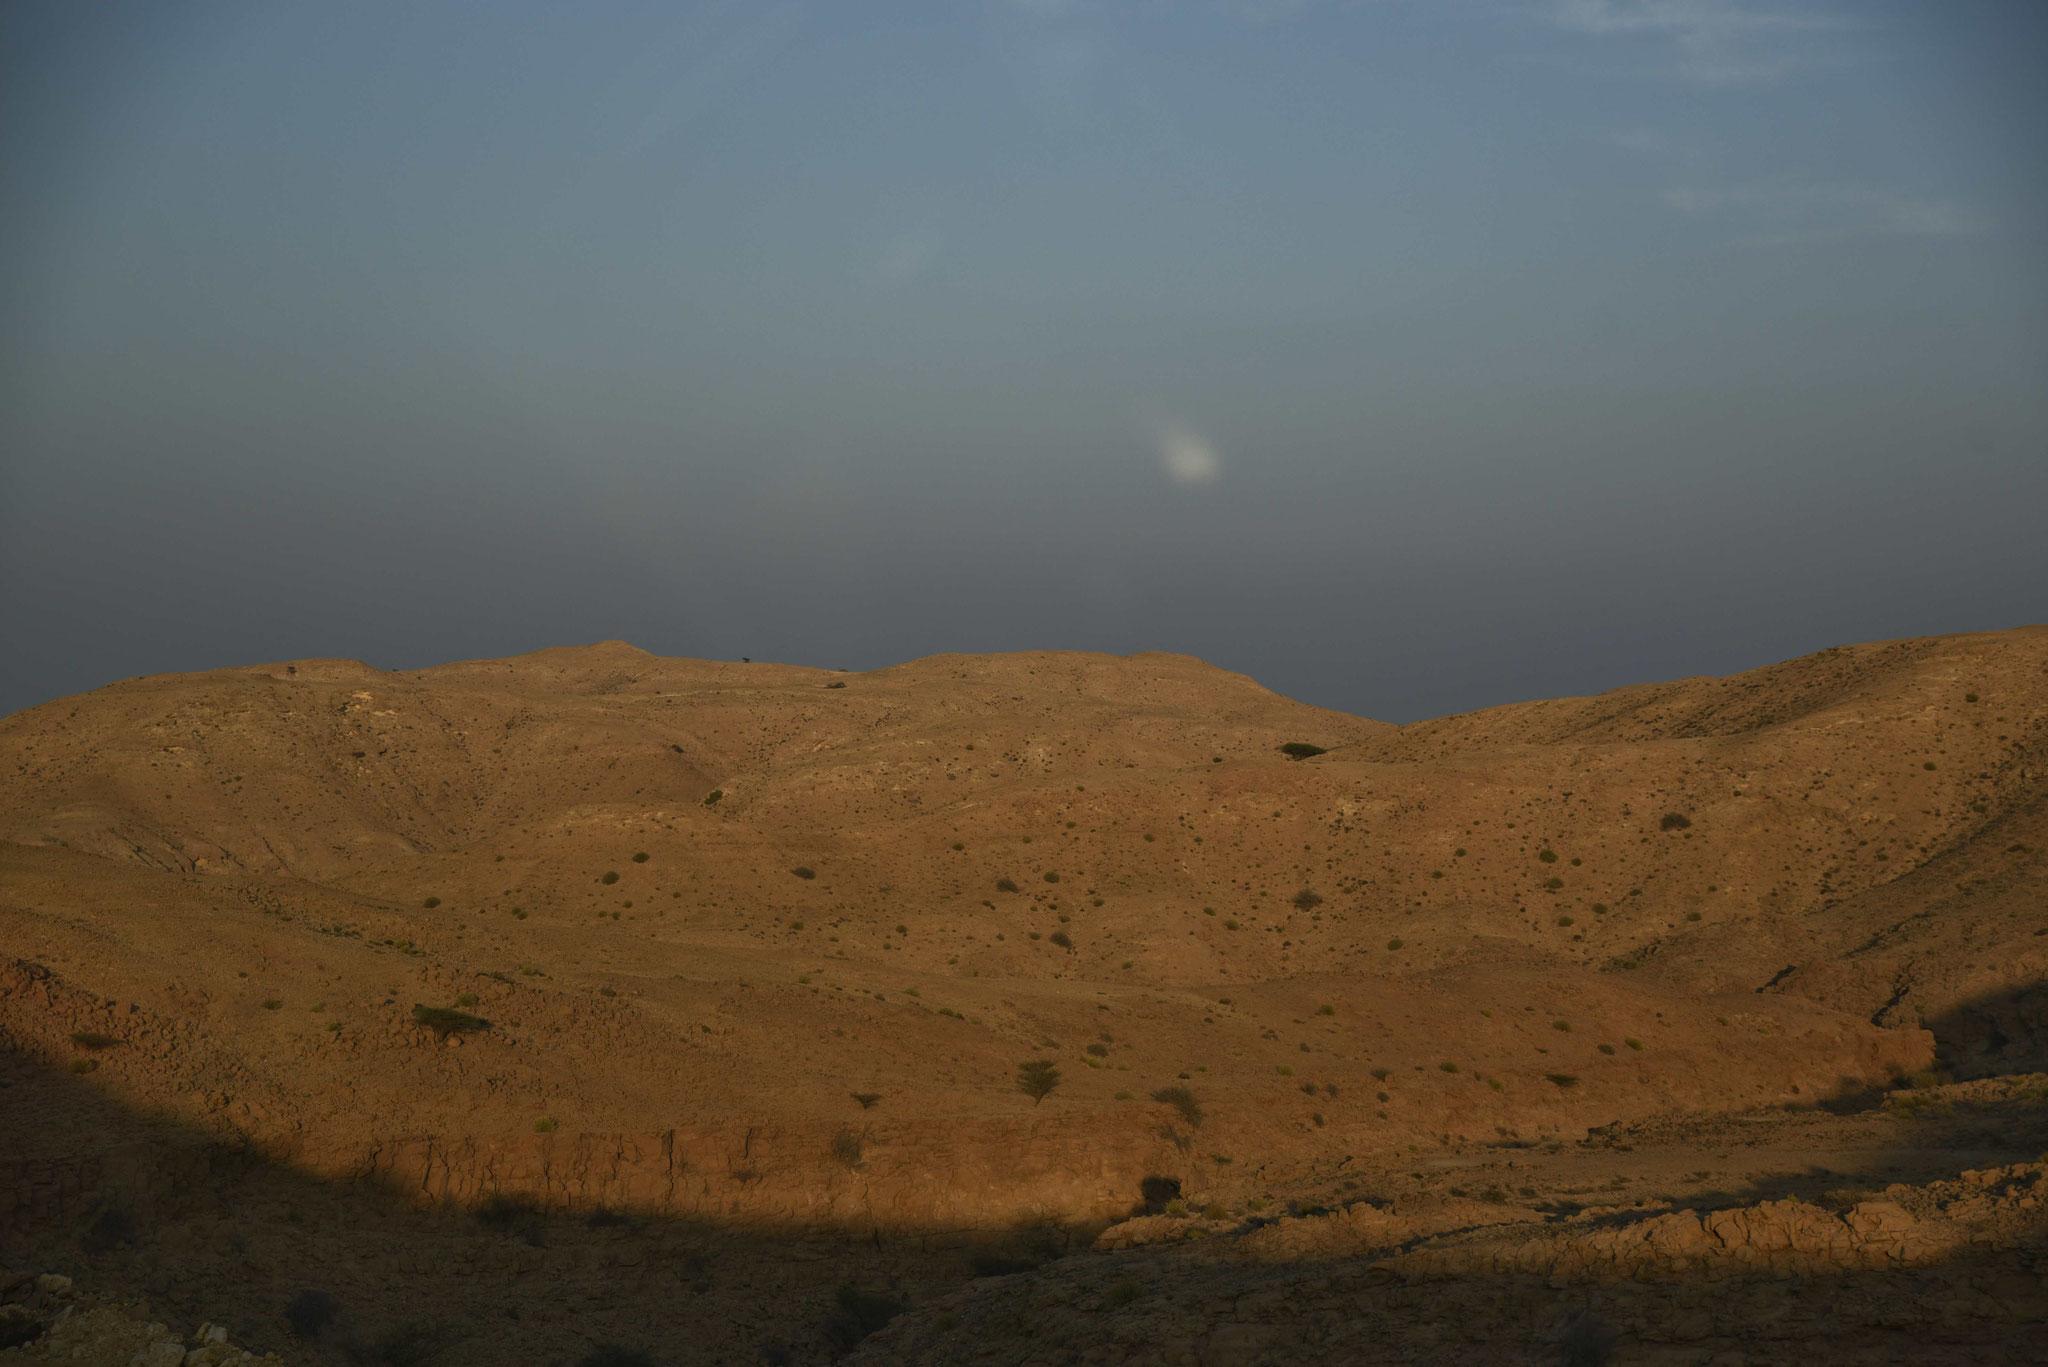 In der Dämmerung auf der Autobahn durch die Ausläufer des Hajar-Gebirges